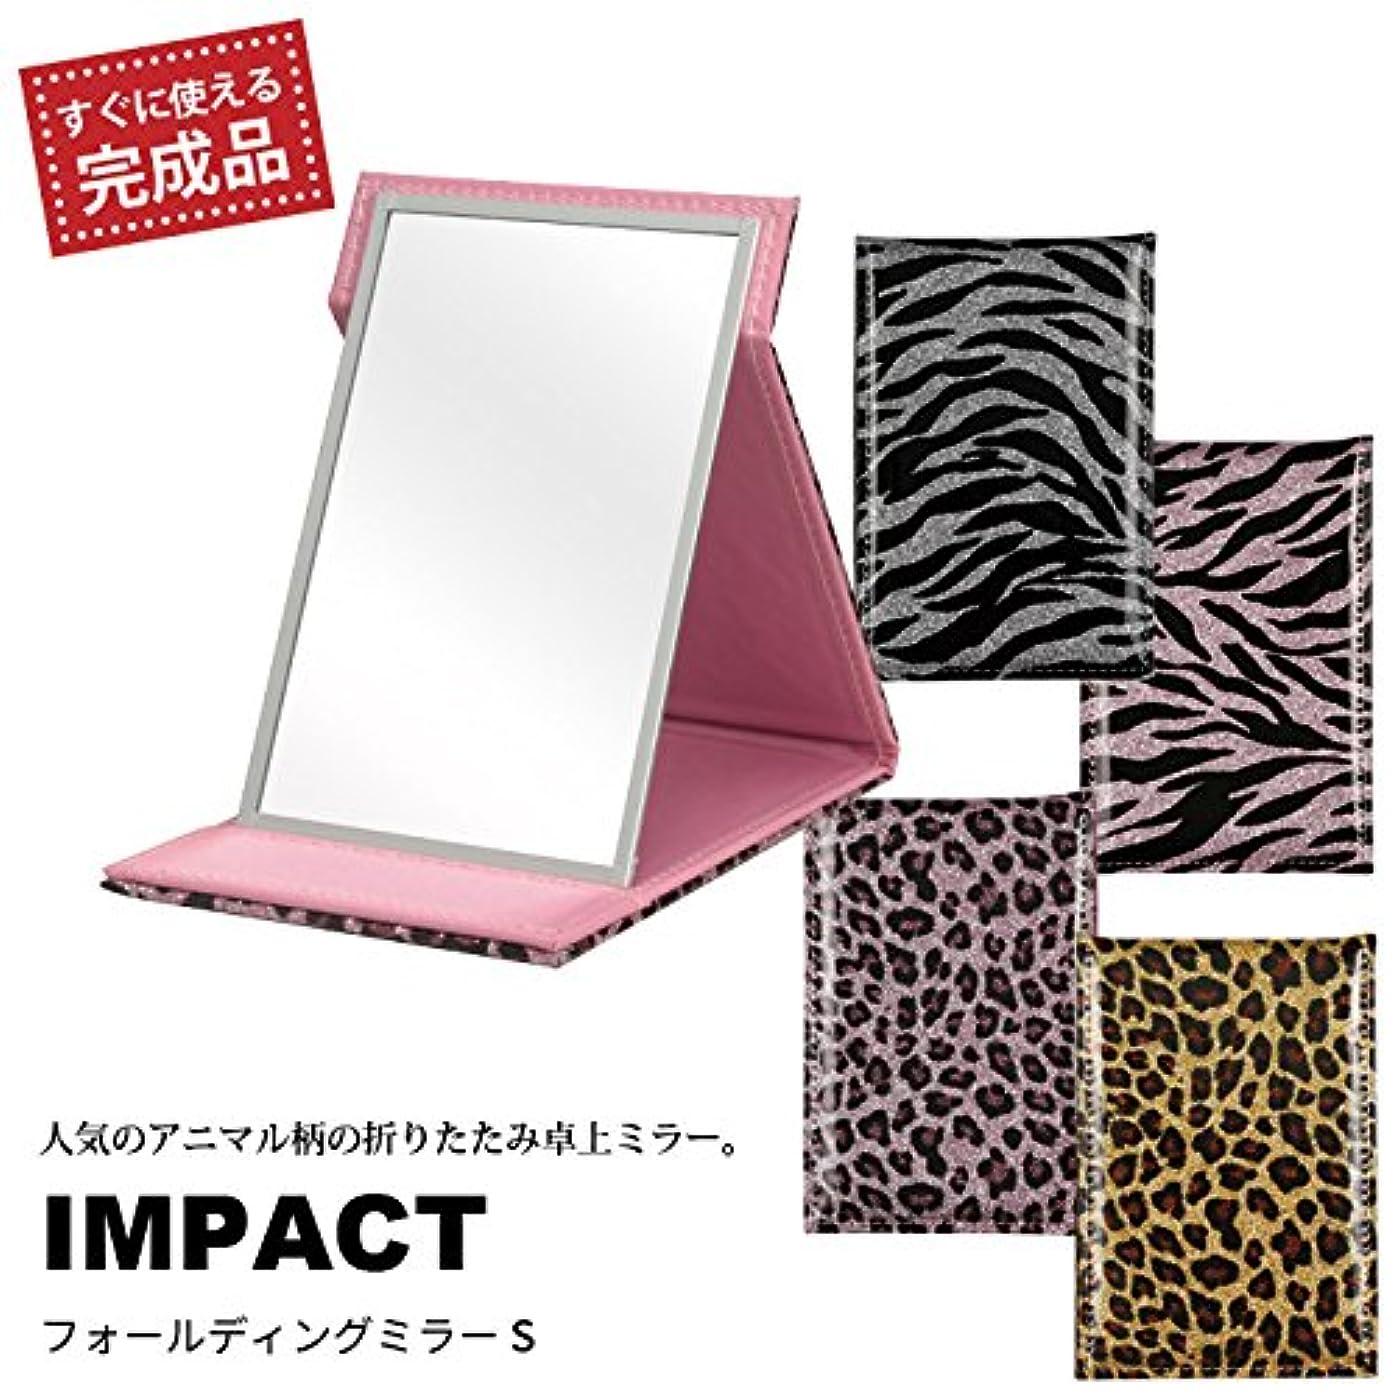 農業一組み込む手鏡 ミラー 折りたたみ 鏡 フォールディング カバー IMPACT インパクトS